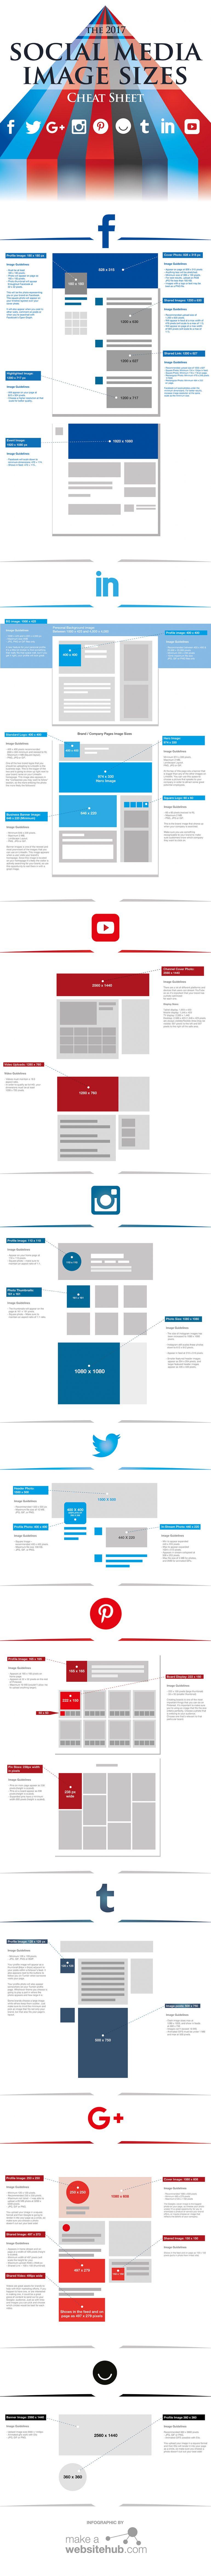 social media infographic formaten